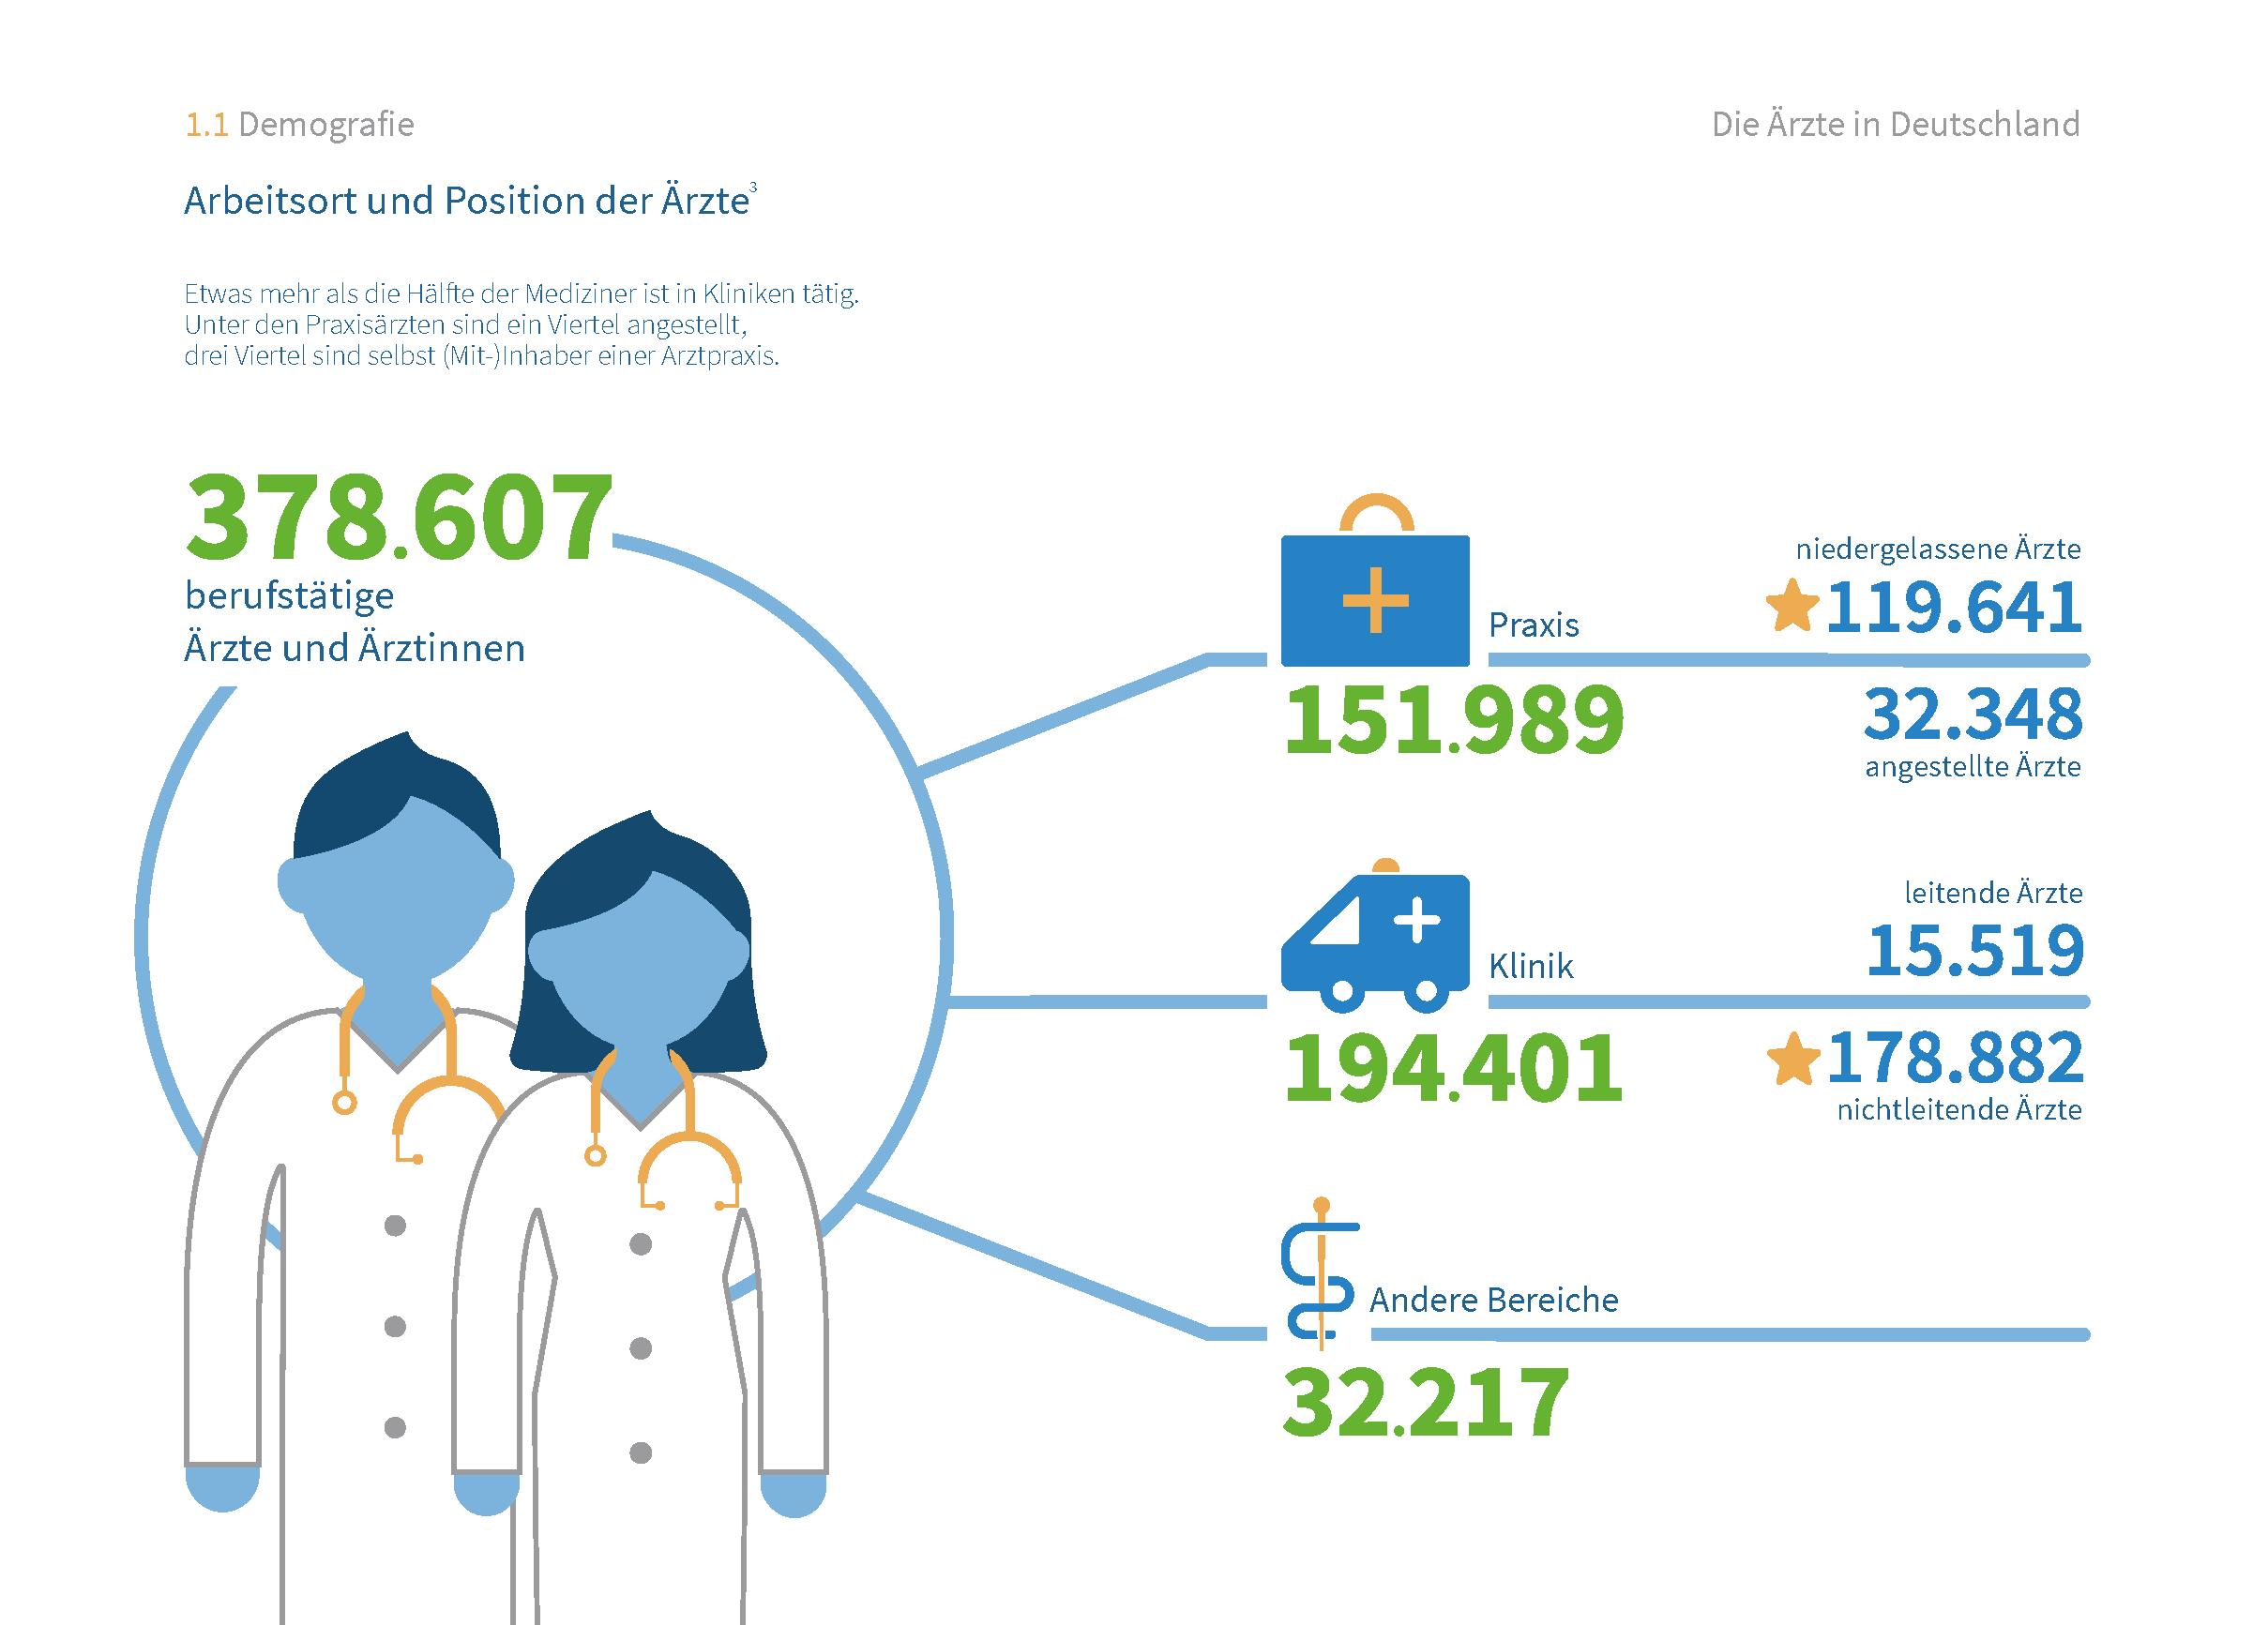 Deutschlands Ärzte - Demografie